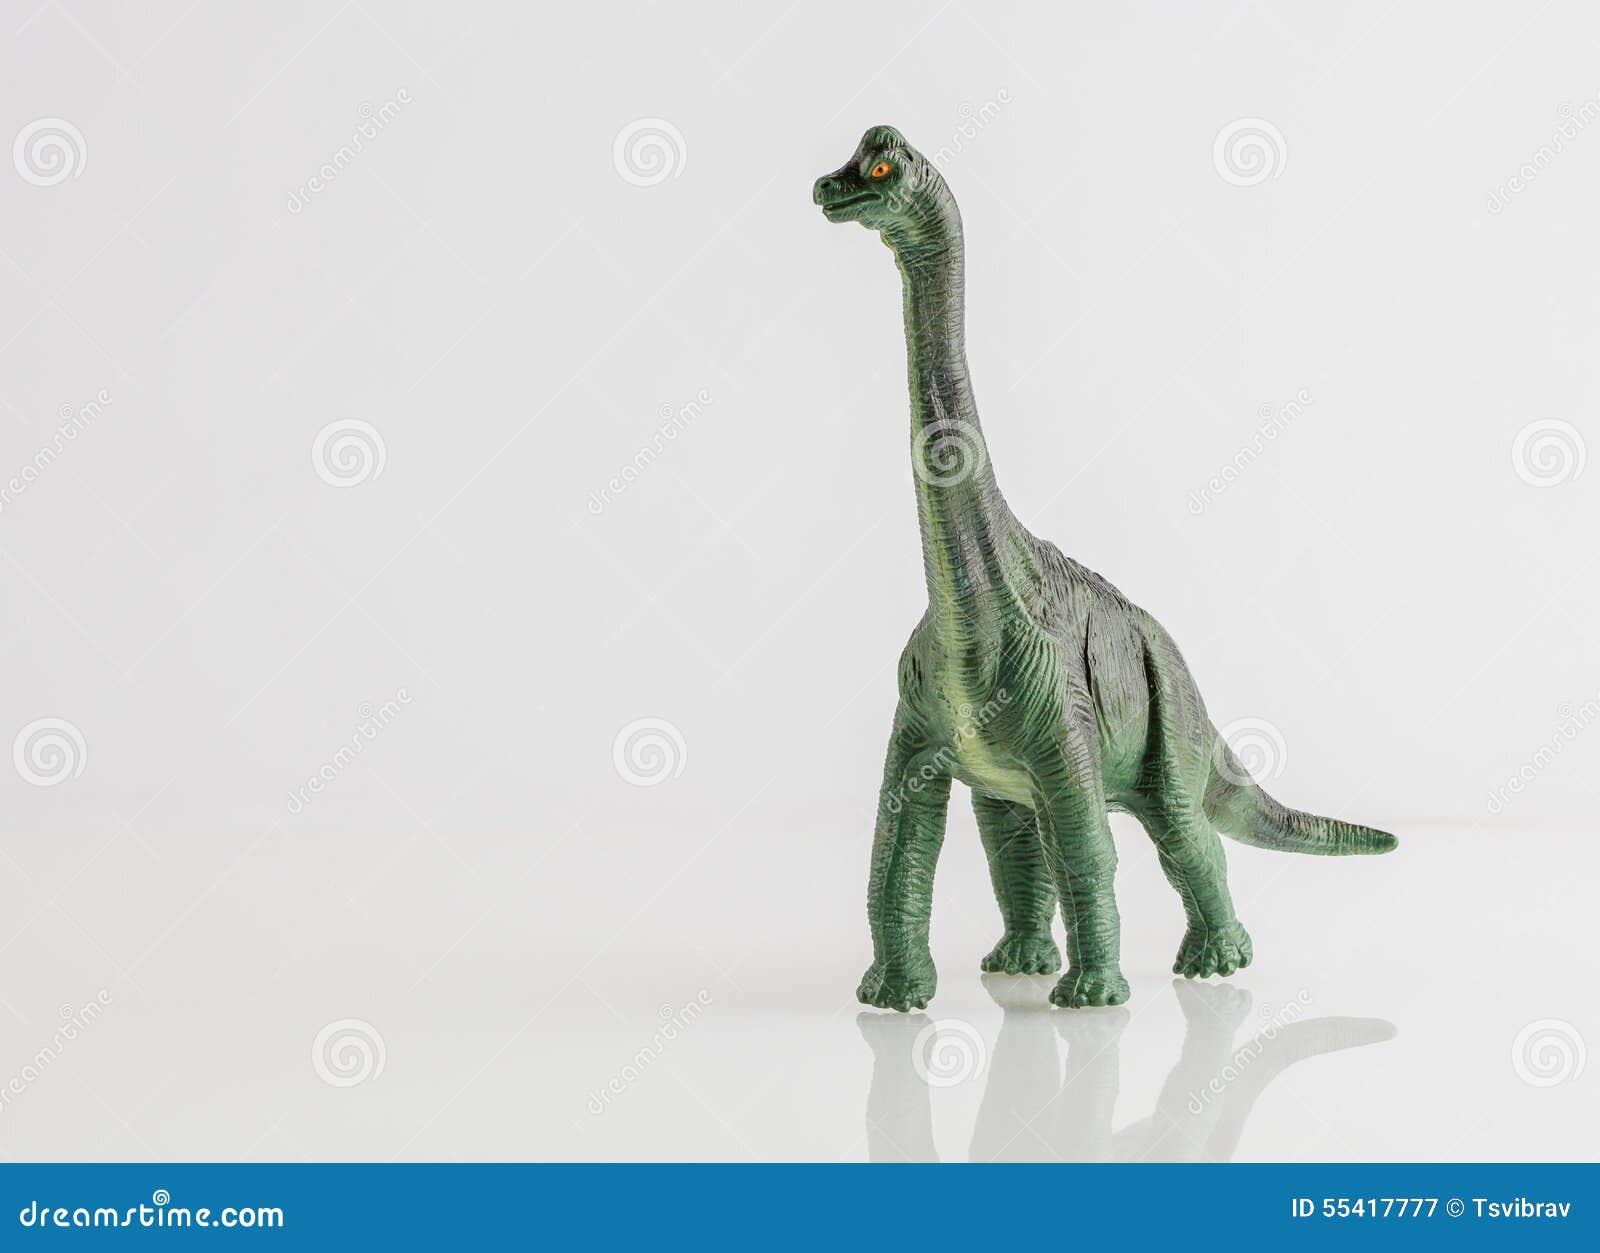 Dinosaurio Gordo Fotos Libres De Derechos Y Gratuitas De Dreamstime Esta teoría propone que los dinosaurios carnívoros se comieron a todos los herbívoros, extinguiéndolos y luego murieron de hambre. dreamstime